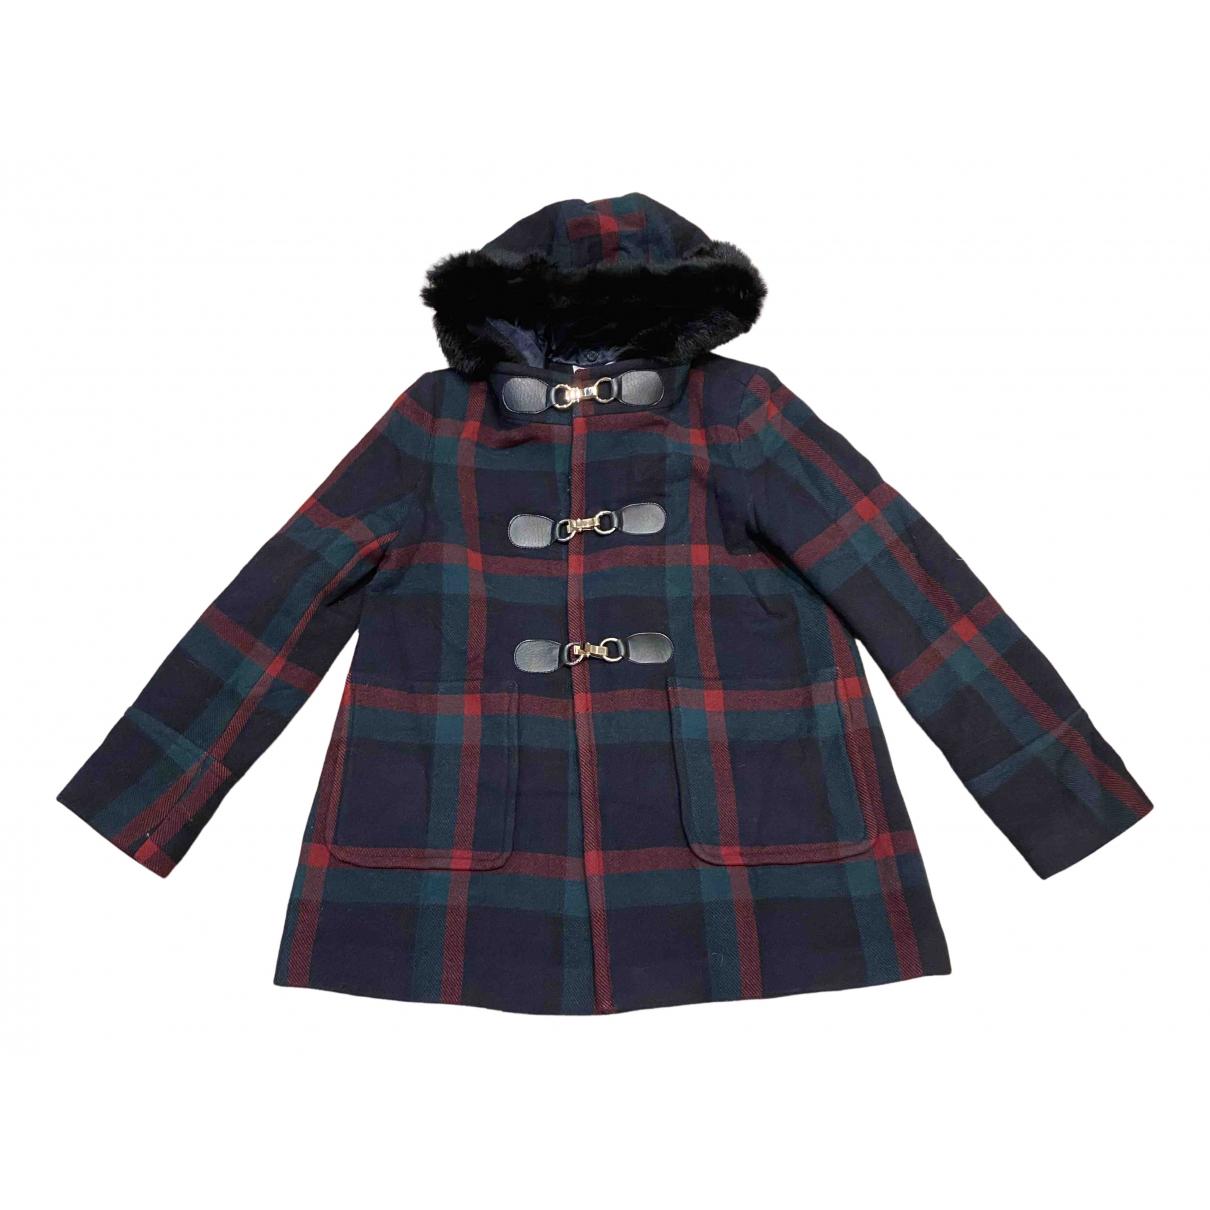 Claudie Pierlot - Manteau   pour femme en laine - multicolore